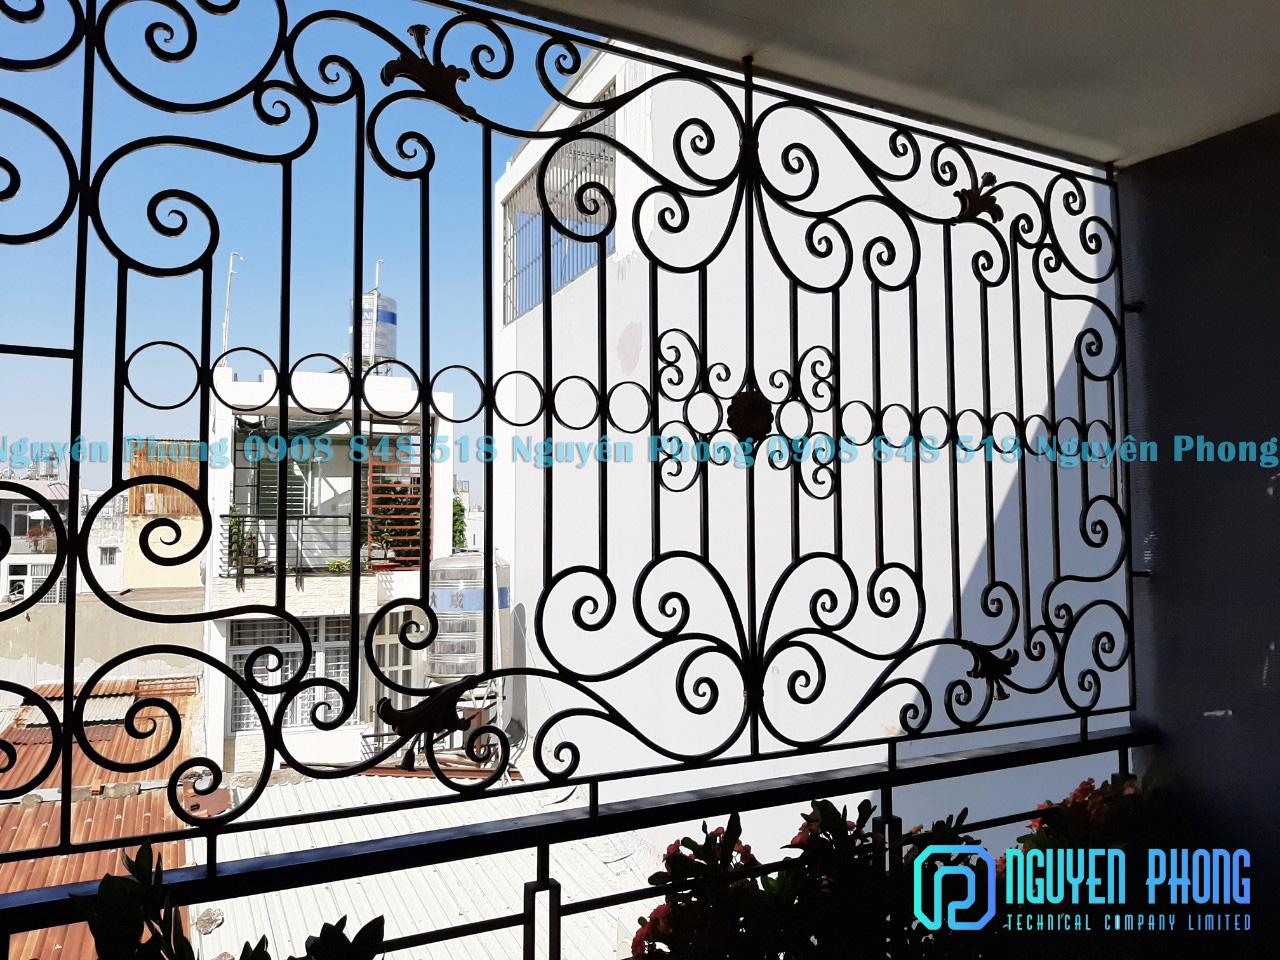 Mẫu khung cửa sổ sắt mỹ thuật đẹp, sang trọng cho nhà phố, biệt thự 2020